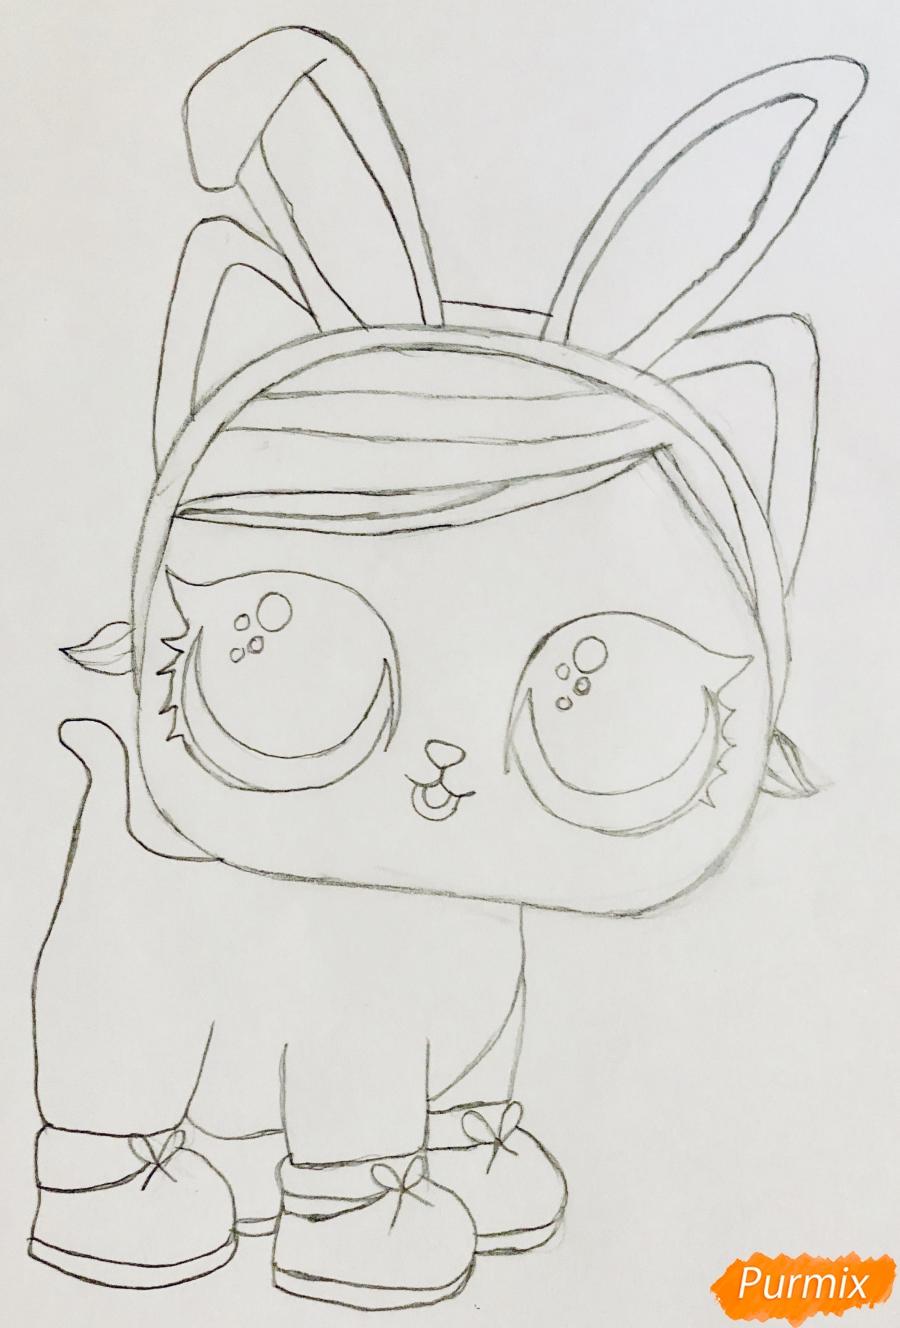 Рисуем белую кошечку с кроличьими ушками из мультфильма Lol Pets - фото 5